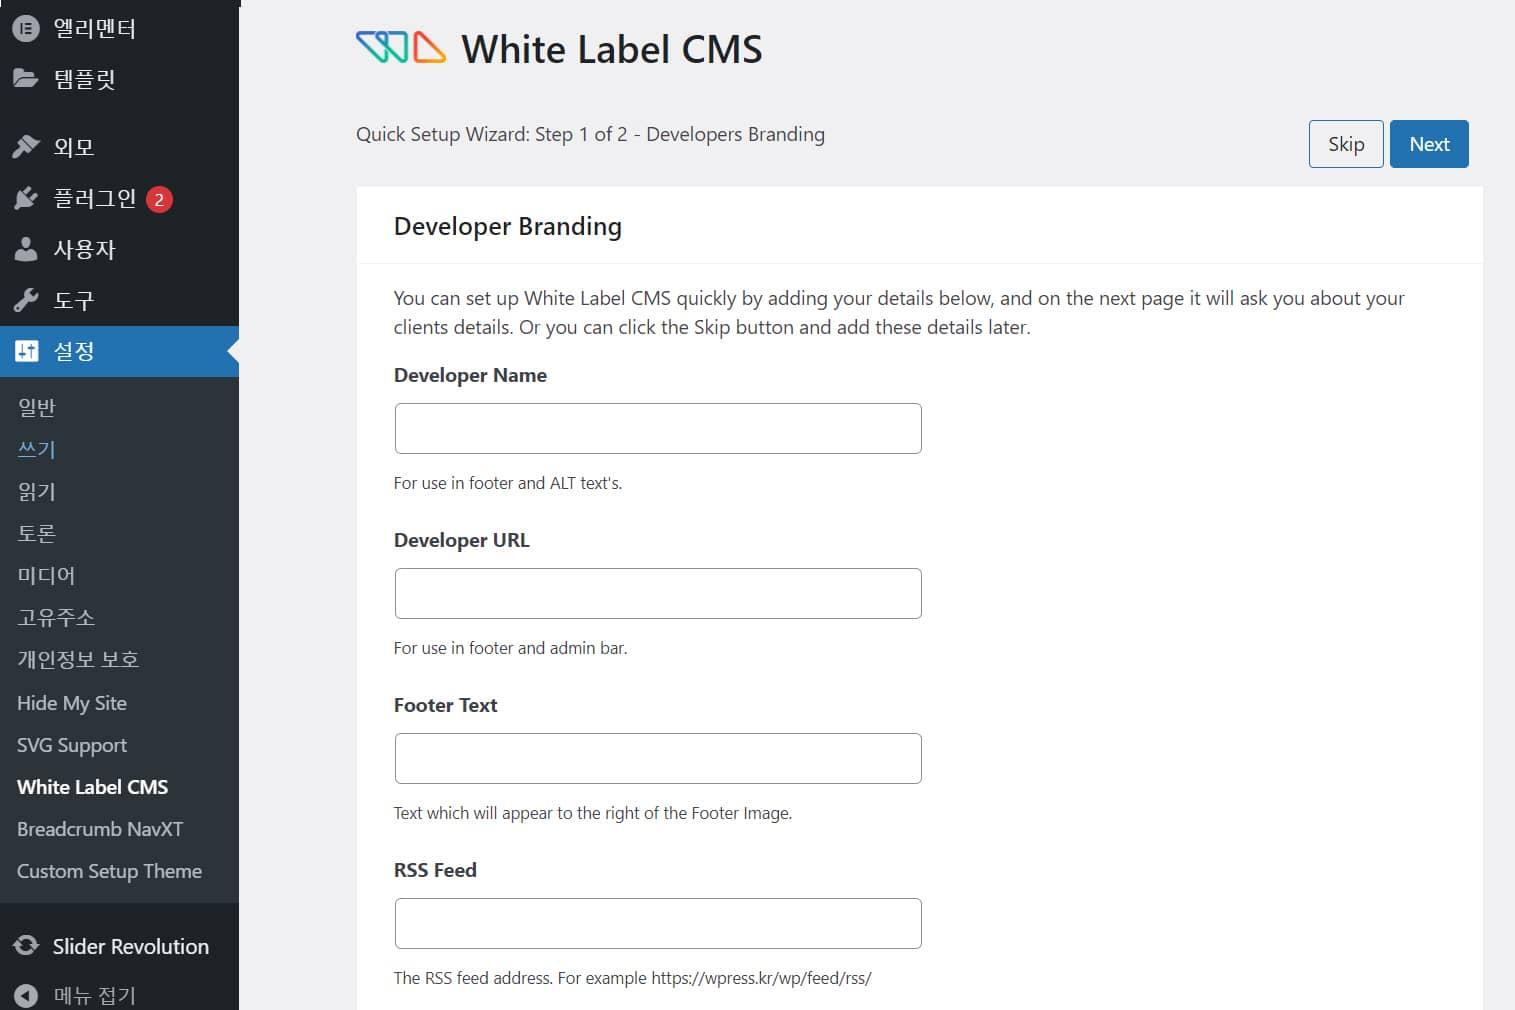 워드프레스 알림판 패널을 바꿀 수 있는 White Label CMS 플러그인